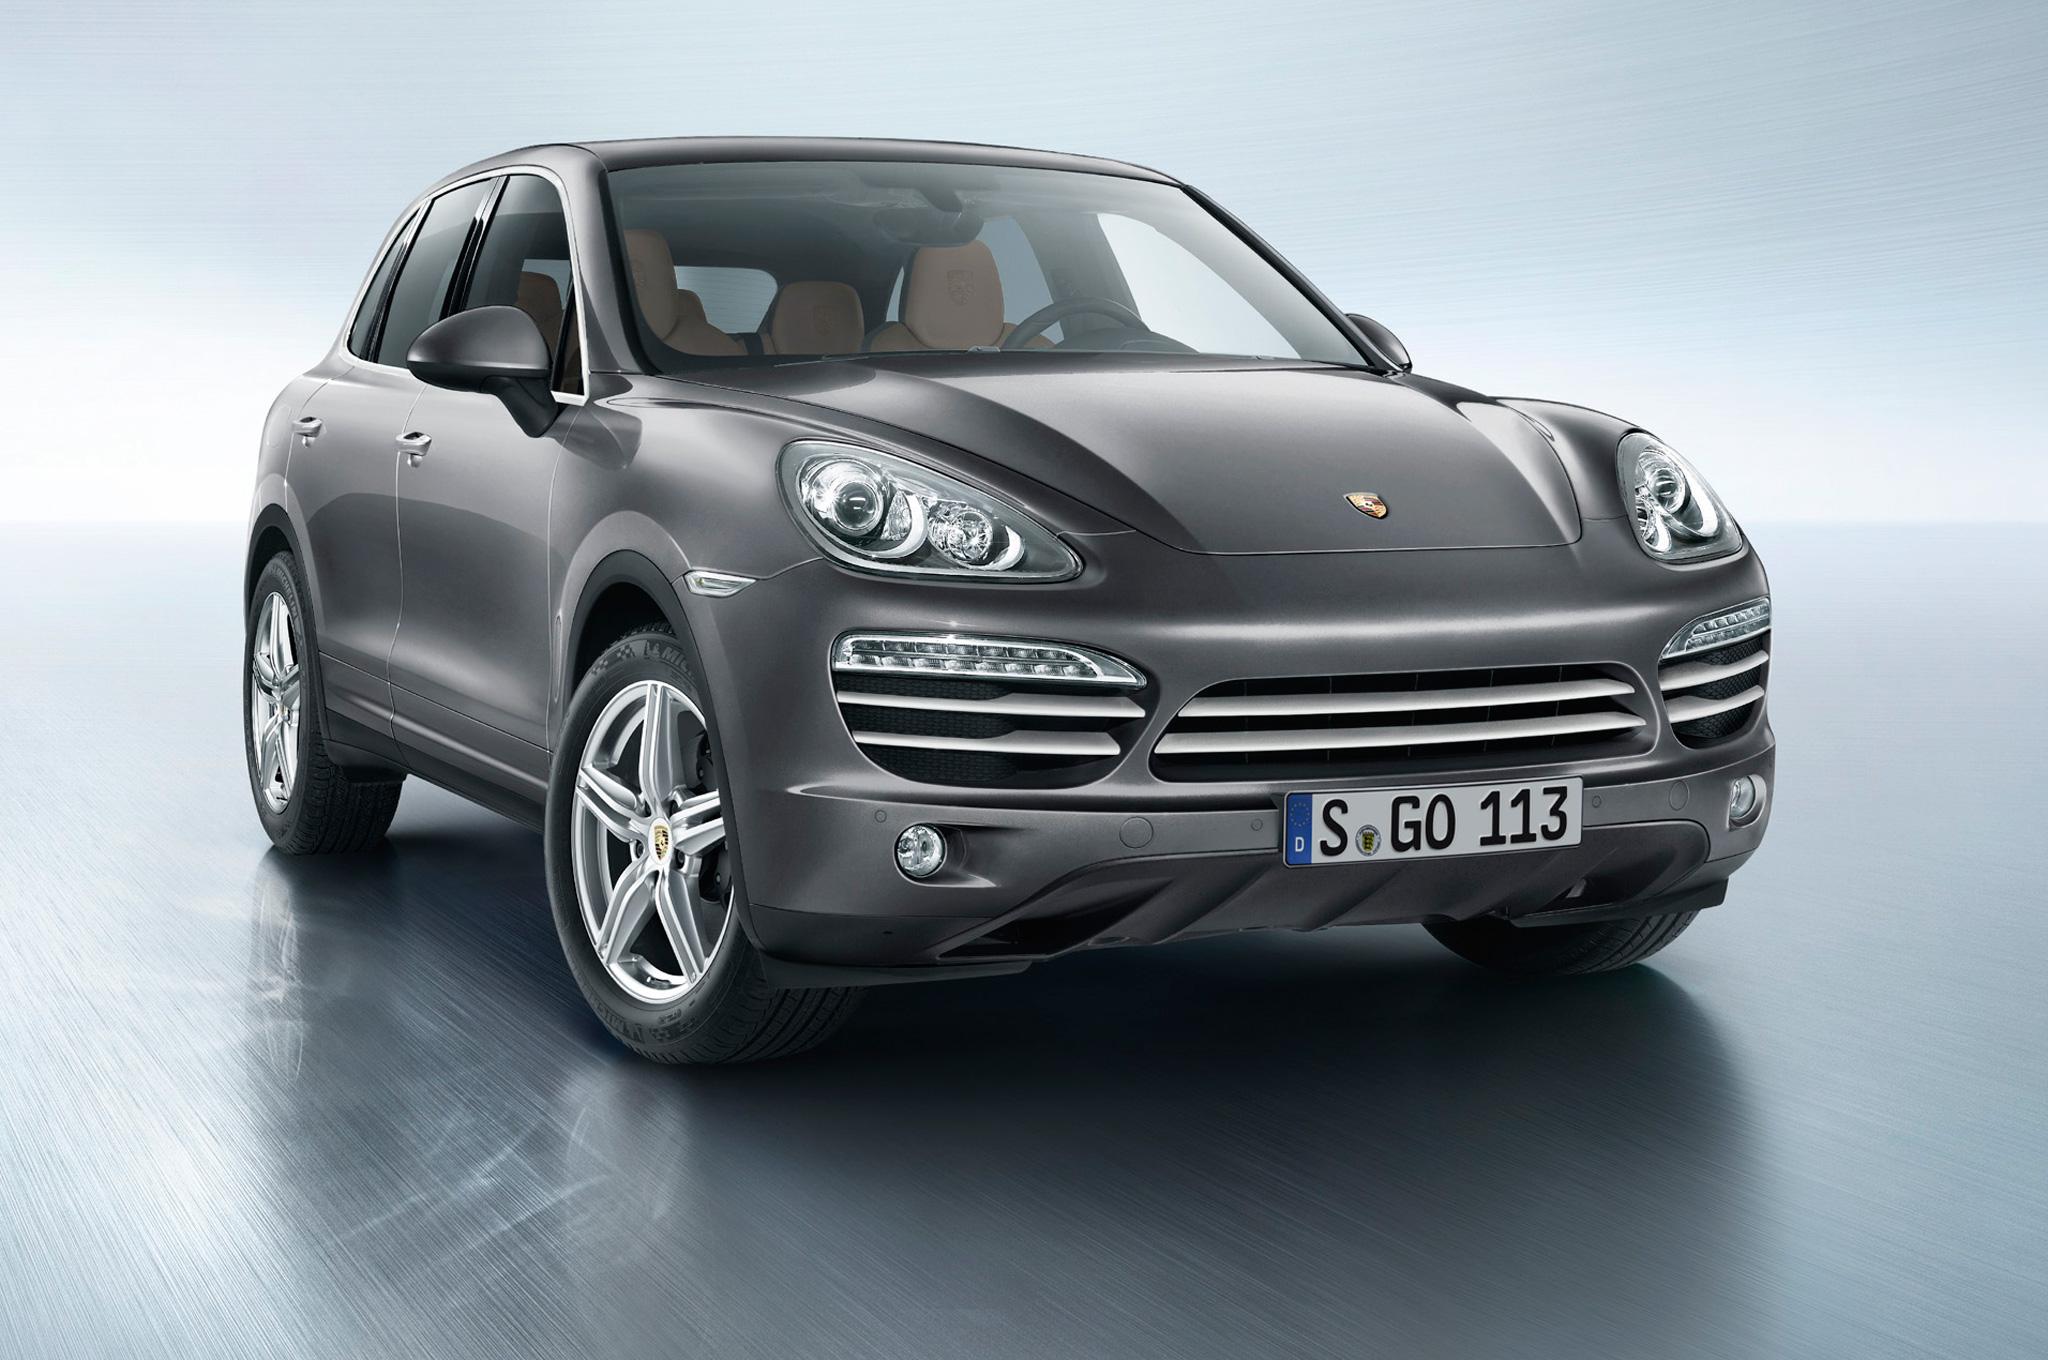 Nom : 2014-Porsche-Cayenne-Platinum-Edition-front-view.jpg Affichages : 851 Taille : 592,8 Ko